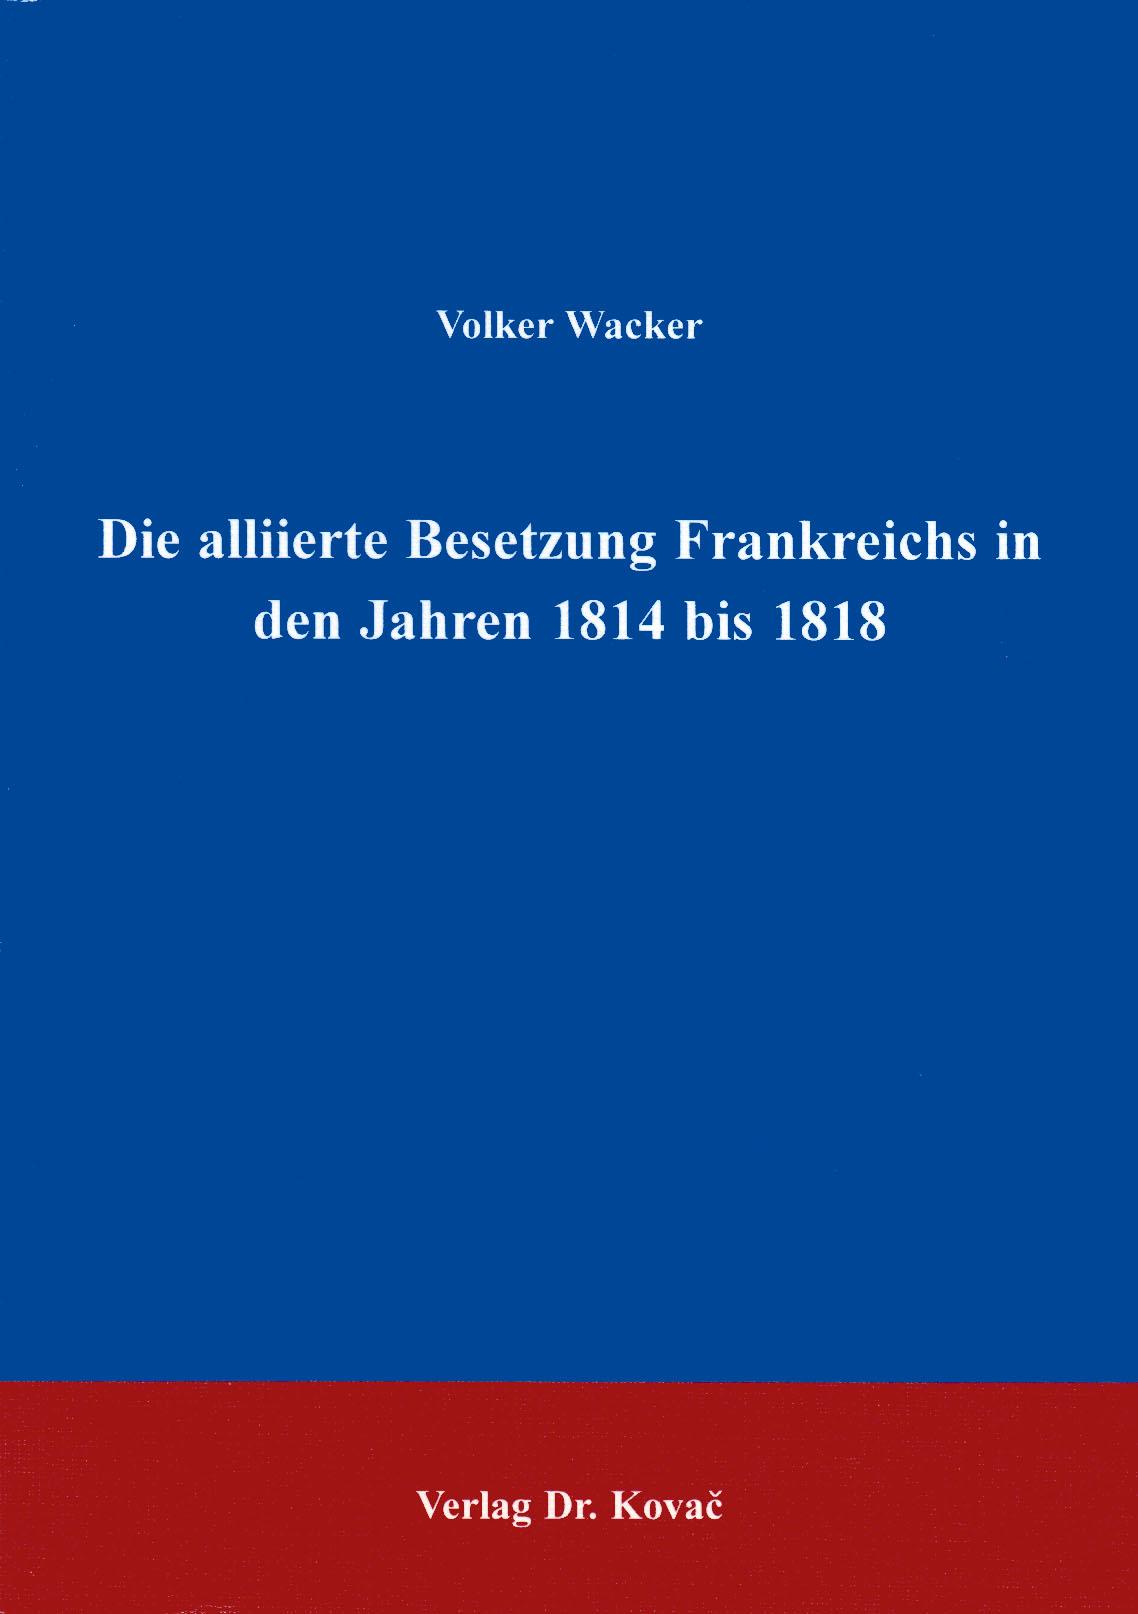 Cover: Die alliierte Besetzung Frankreichs in den Jahren 1814 bis 1818